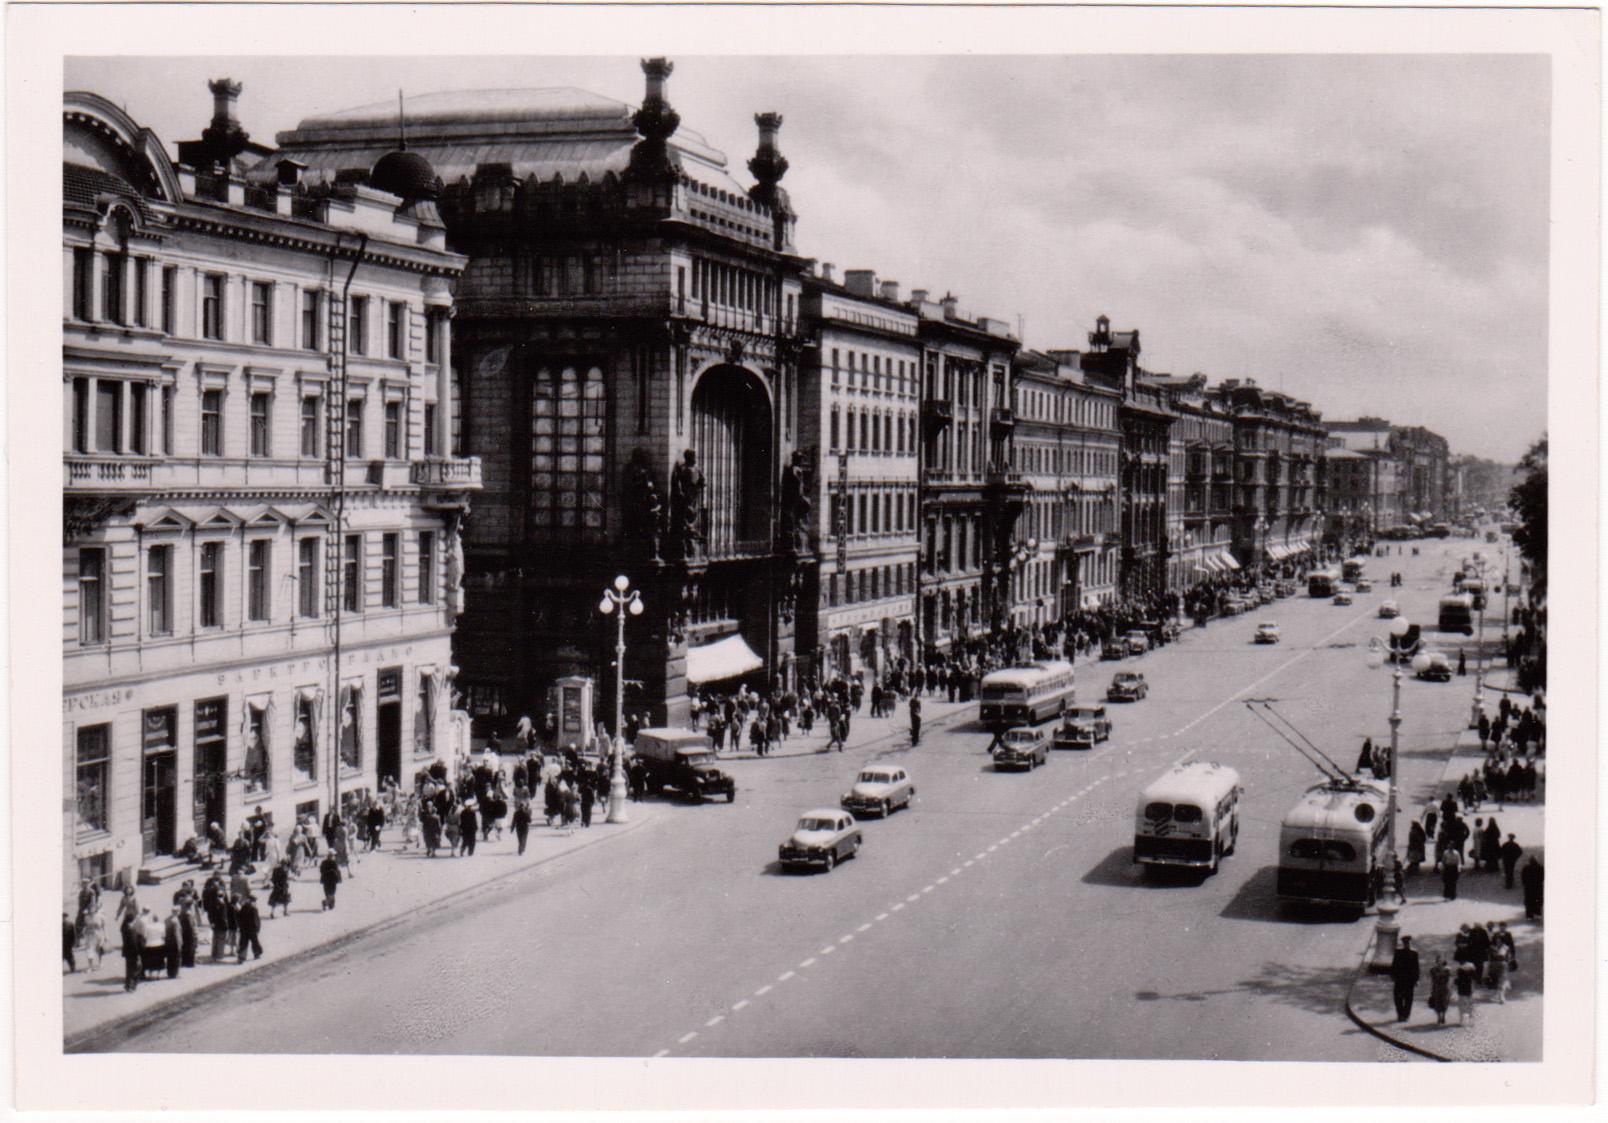 Невский проспект, Ленинград, 1956